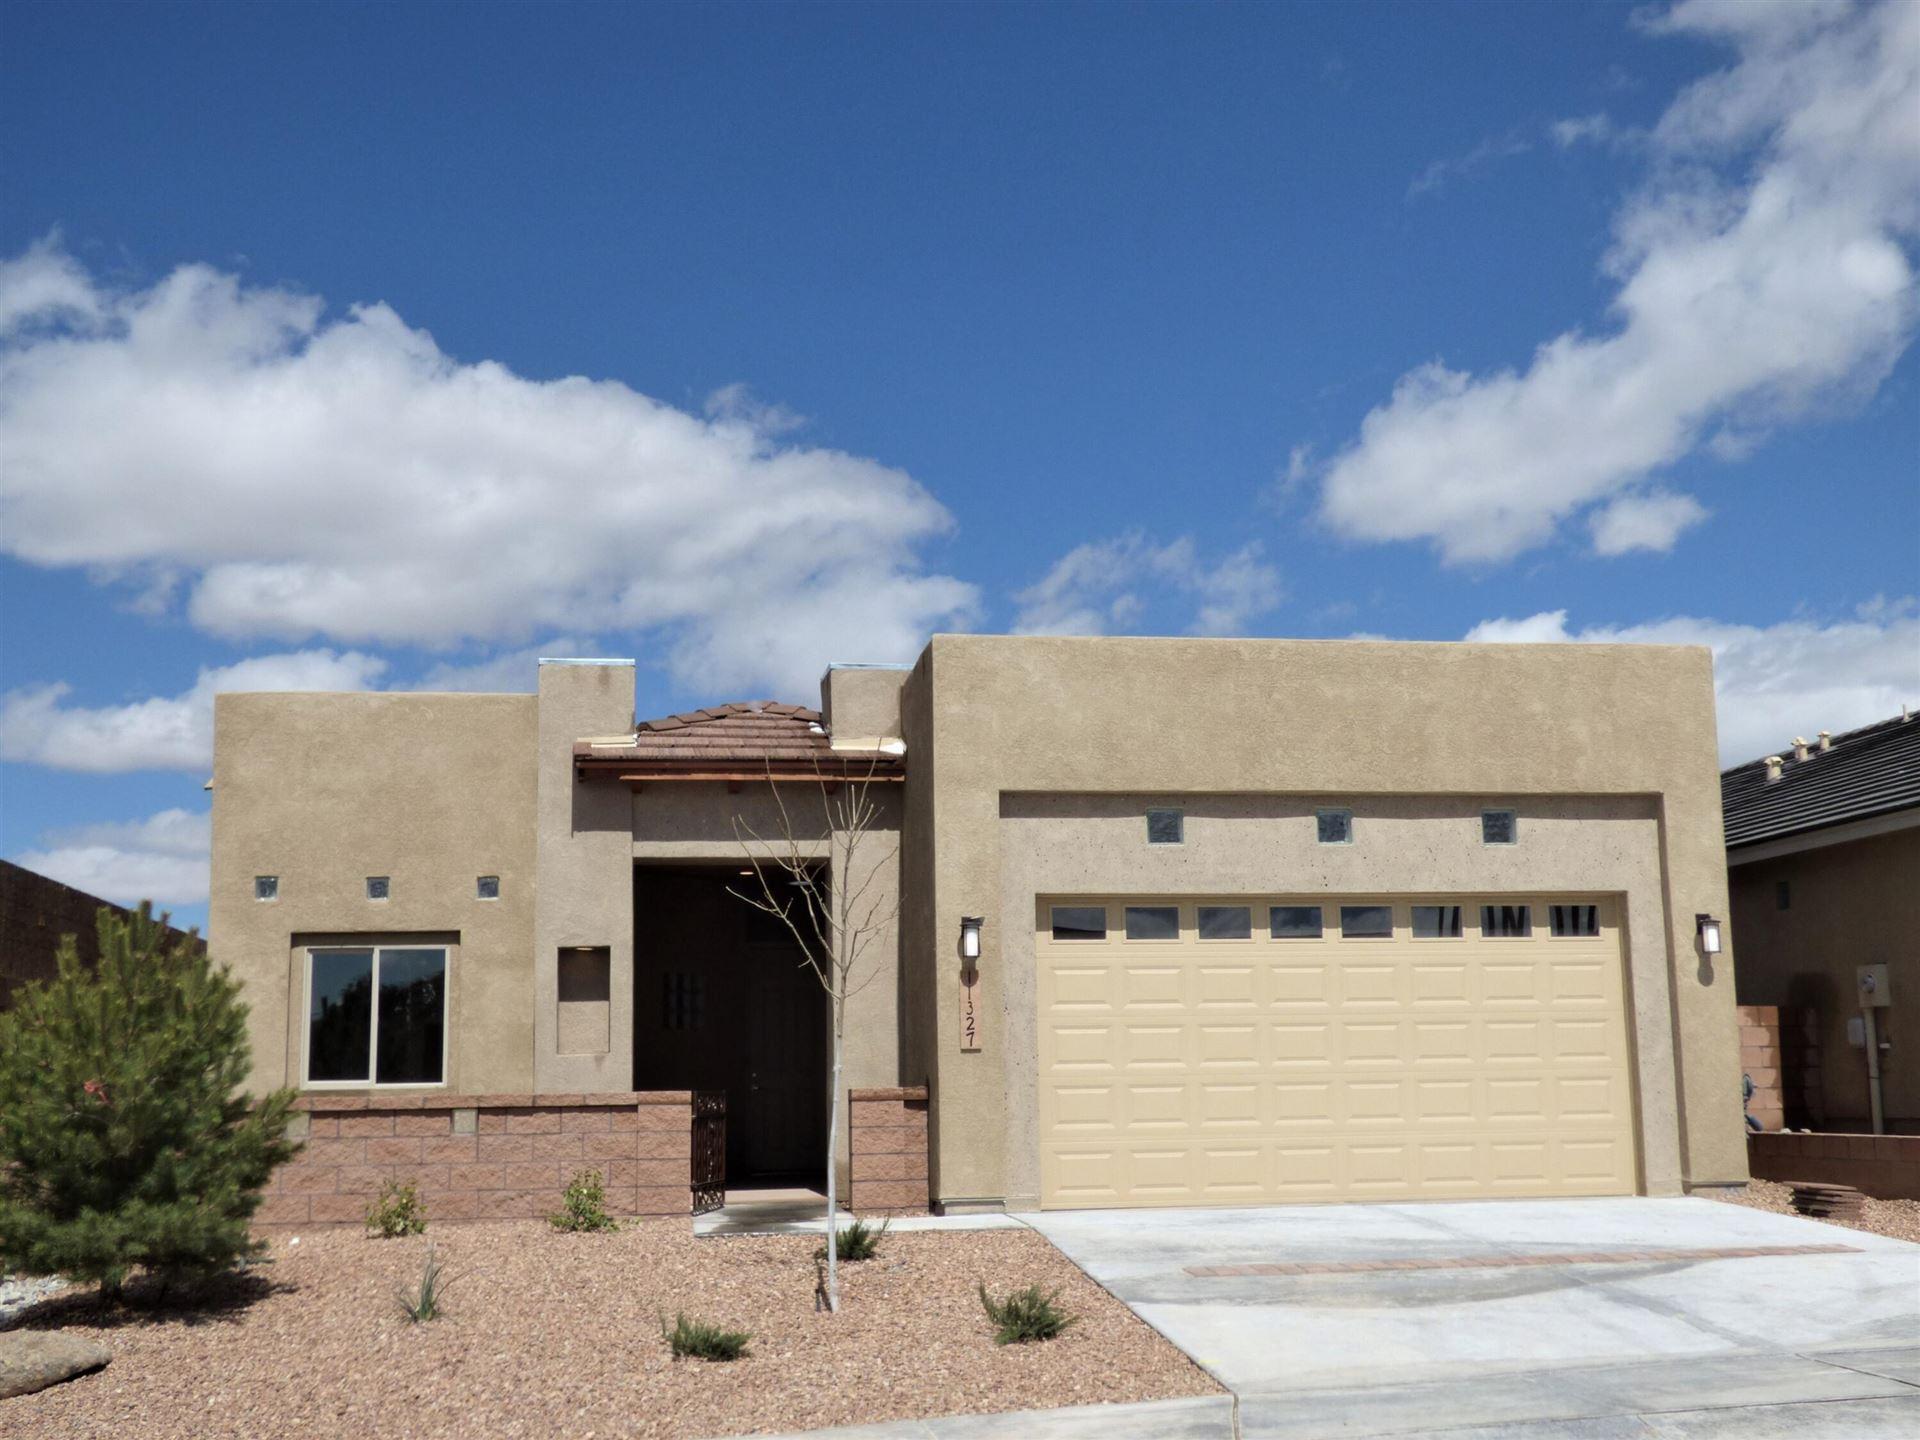 11327 RUNNING BEAR Avenue SE, Albuquerque, NM 87123 - MLS#: 984929